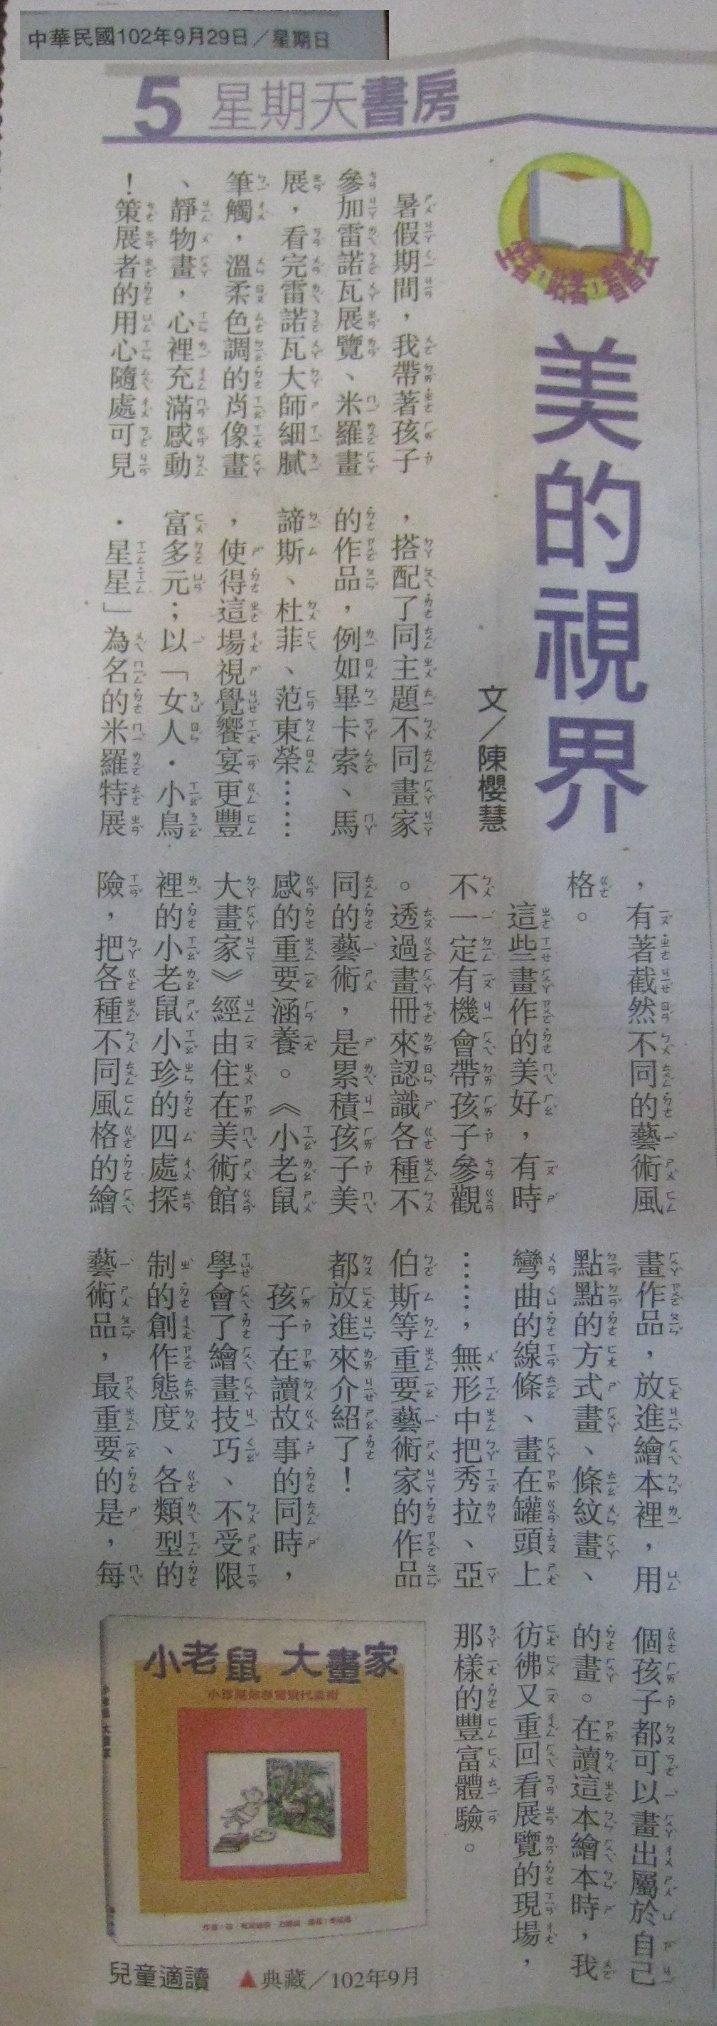 國語日報102.9.29